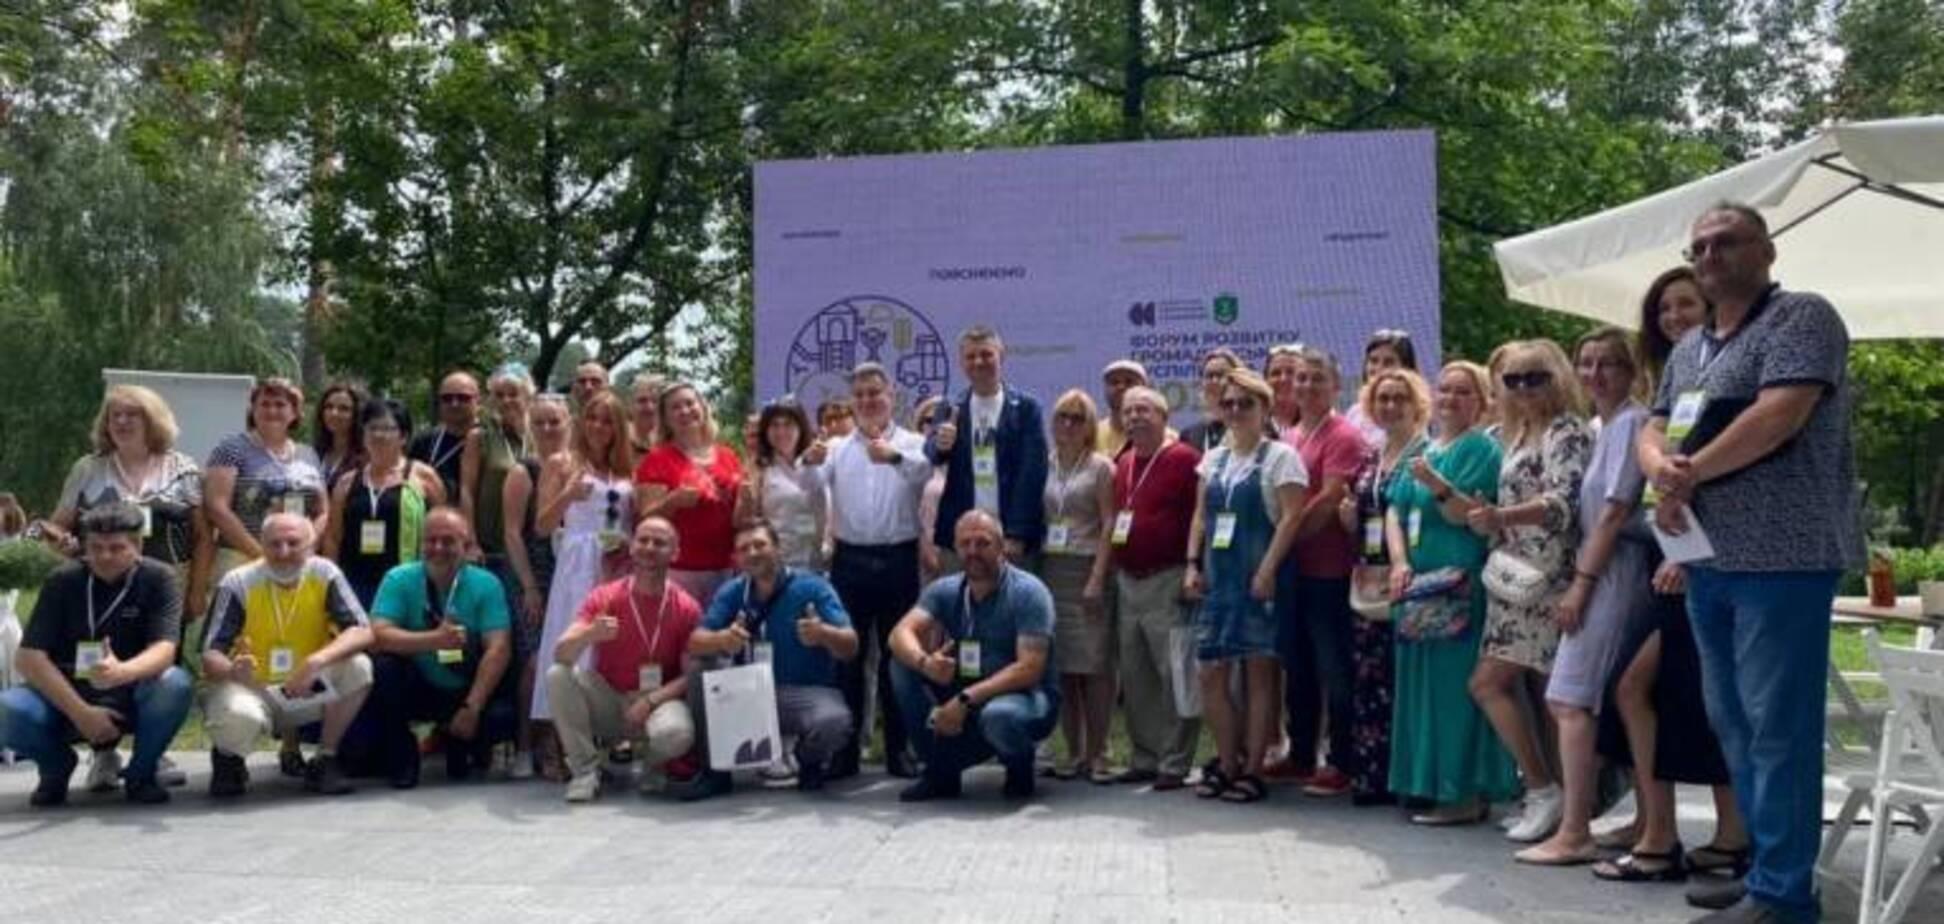 На Форуме развития гражданского общества в Киеве презентовали проект благоустройства берега озера Вырлица